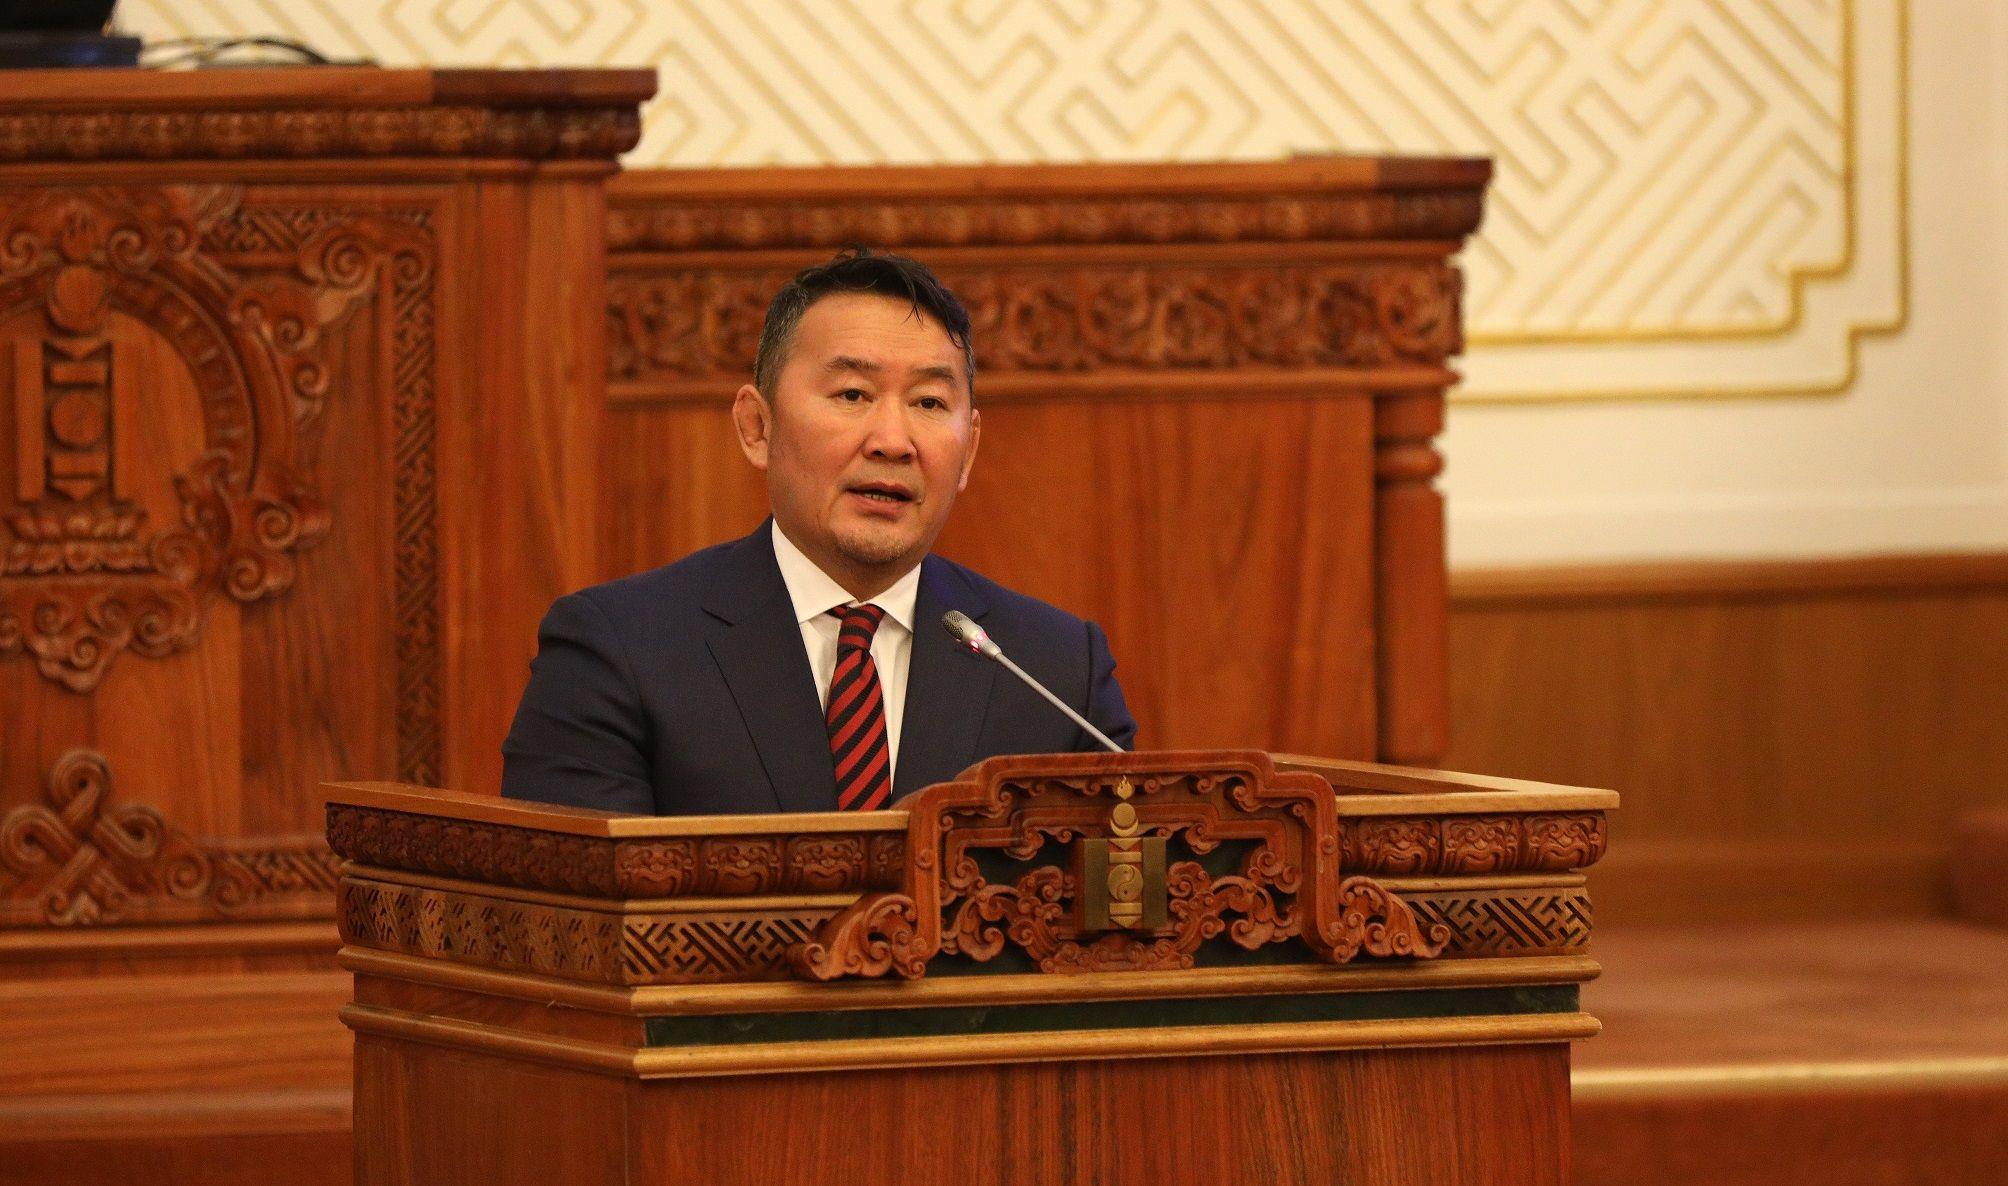 УИХ-ын намрын чуулганы нээлтийн үеэр Монгол Улсын Ерөнхийлөгч Х.Баттулгын хэлсэн үгийг бүрэн эхээр нь хүргэж байна